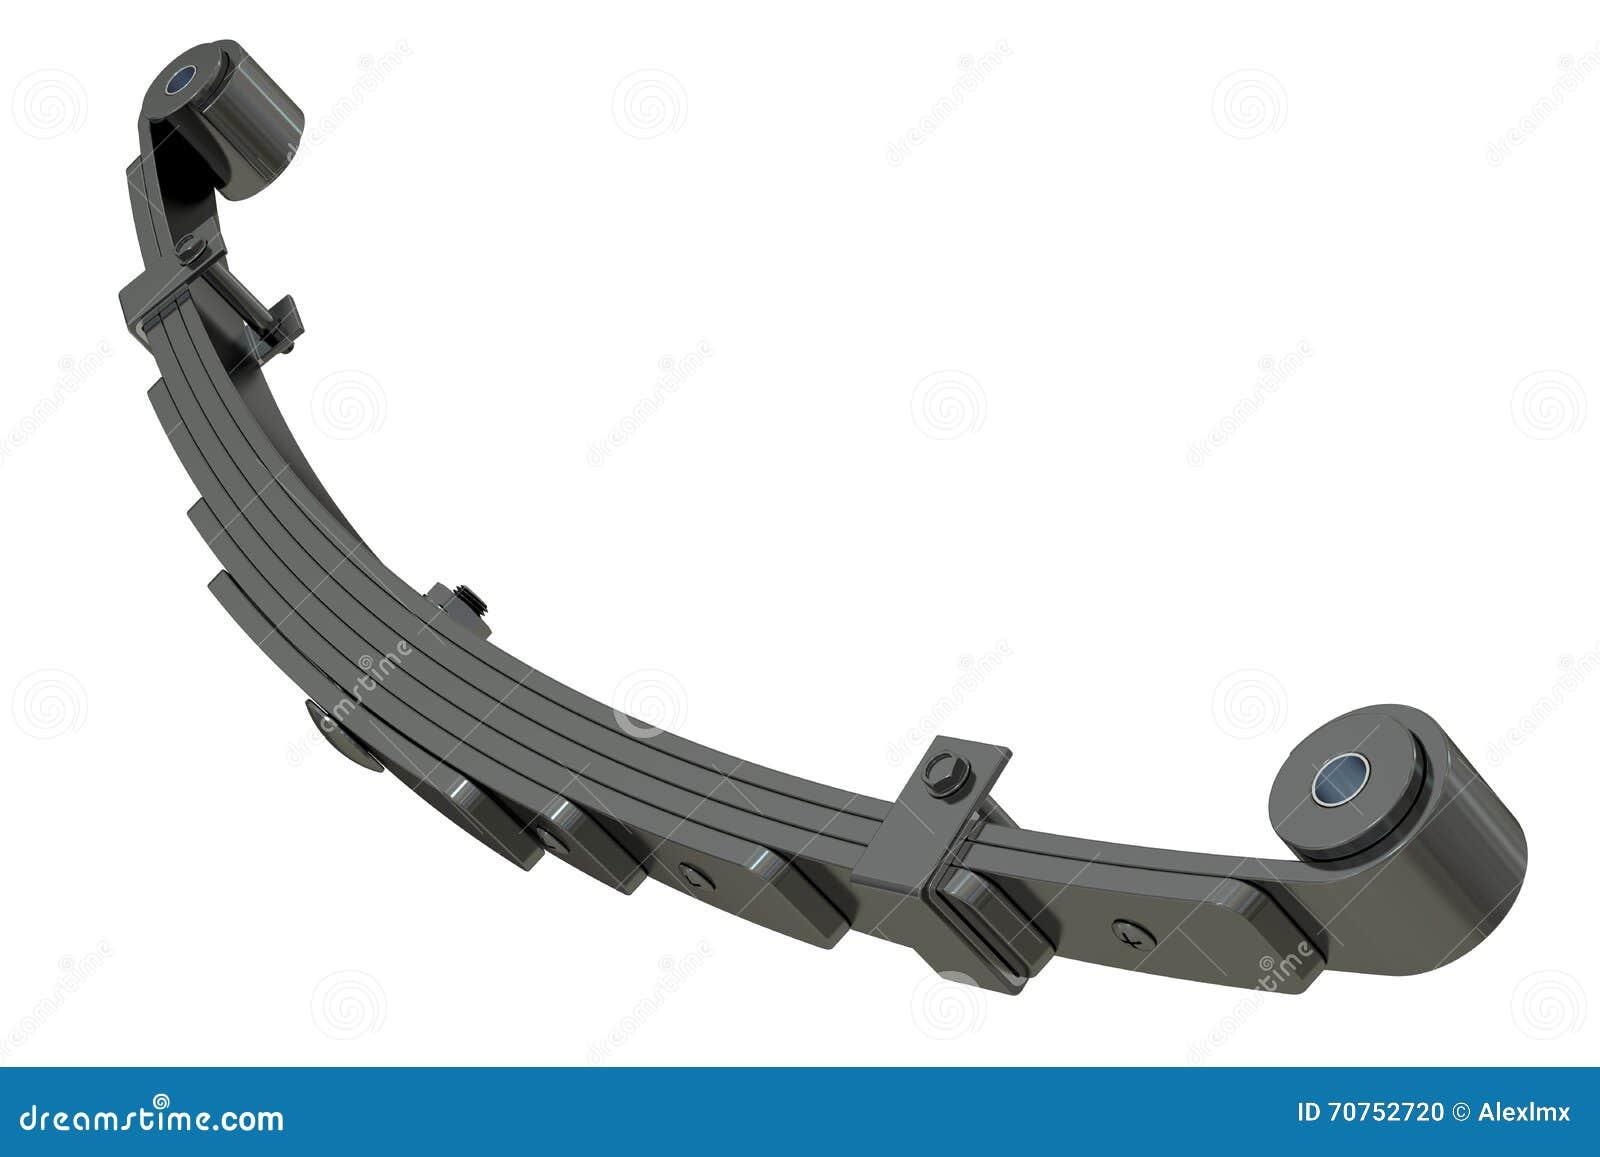 ressort lame suspension rendu 3d illustration stock image 70752720. Black Bedroom Furniture Sets. Home Design Ideas